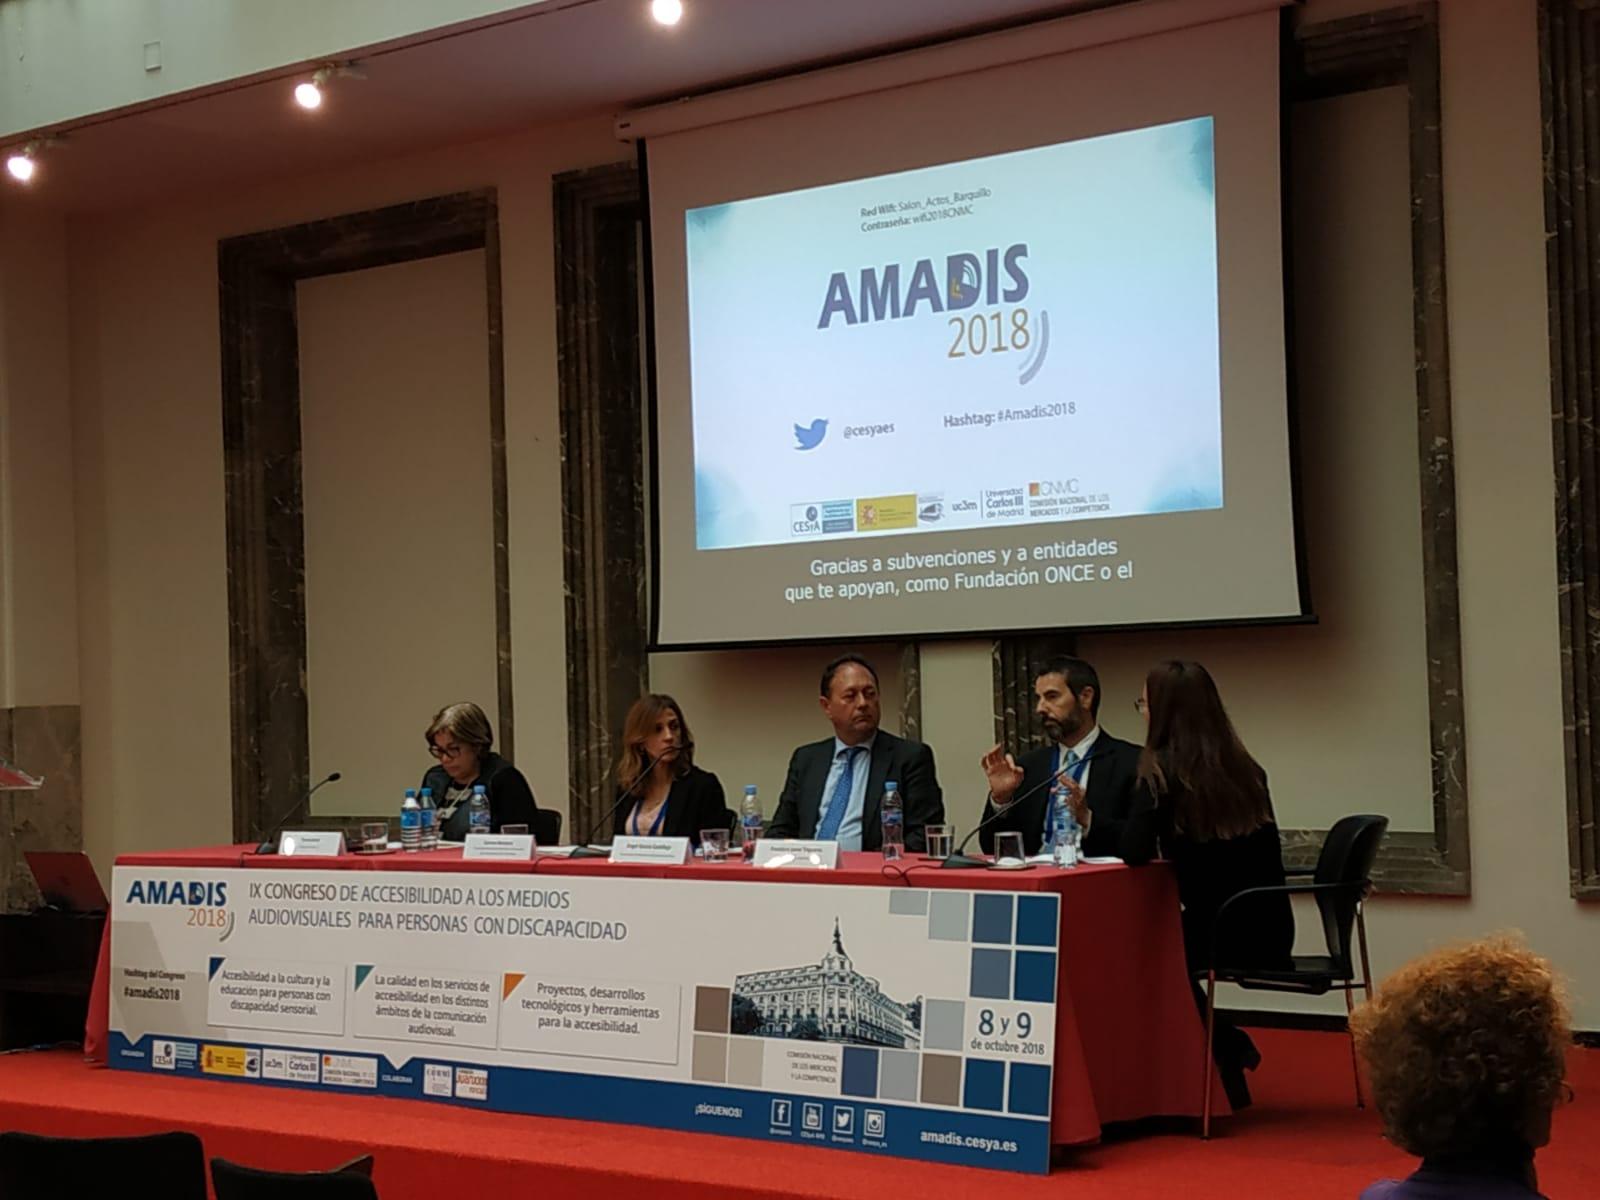 Resultado de imagen de IX Congreso de Accesibilidad a los Medios Audiovisuales para Personas con Discapacidad (AMADIS)